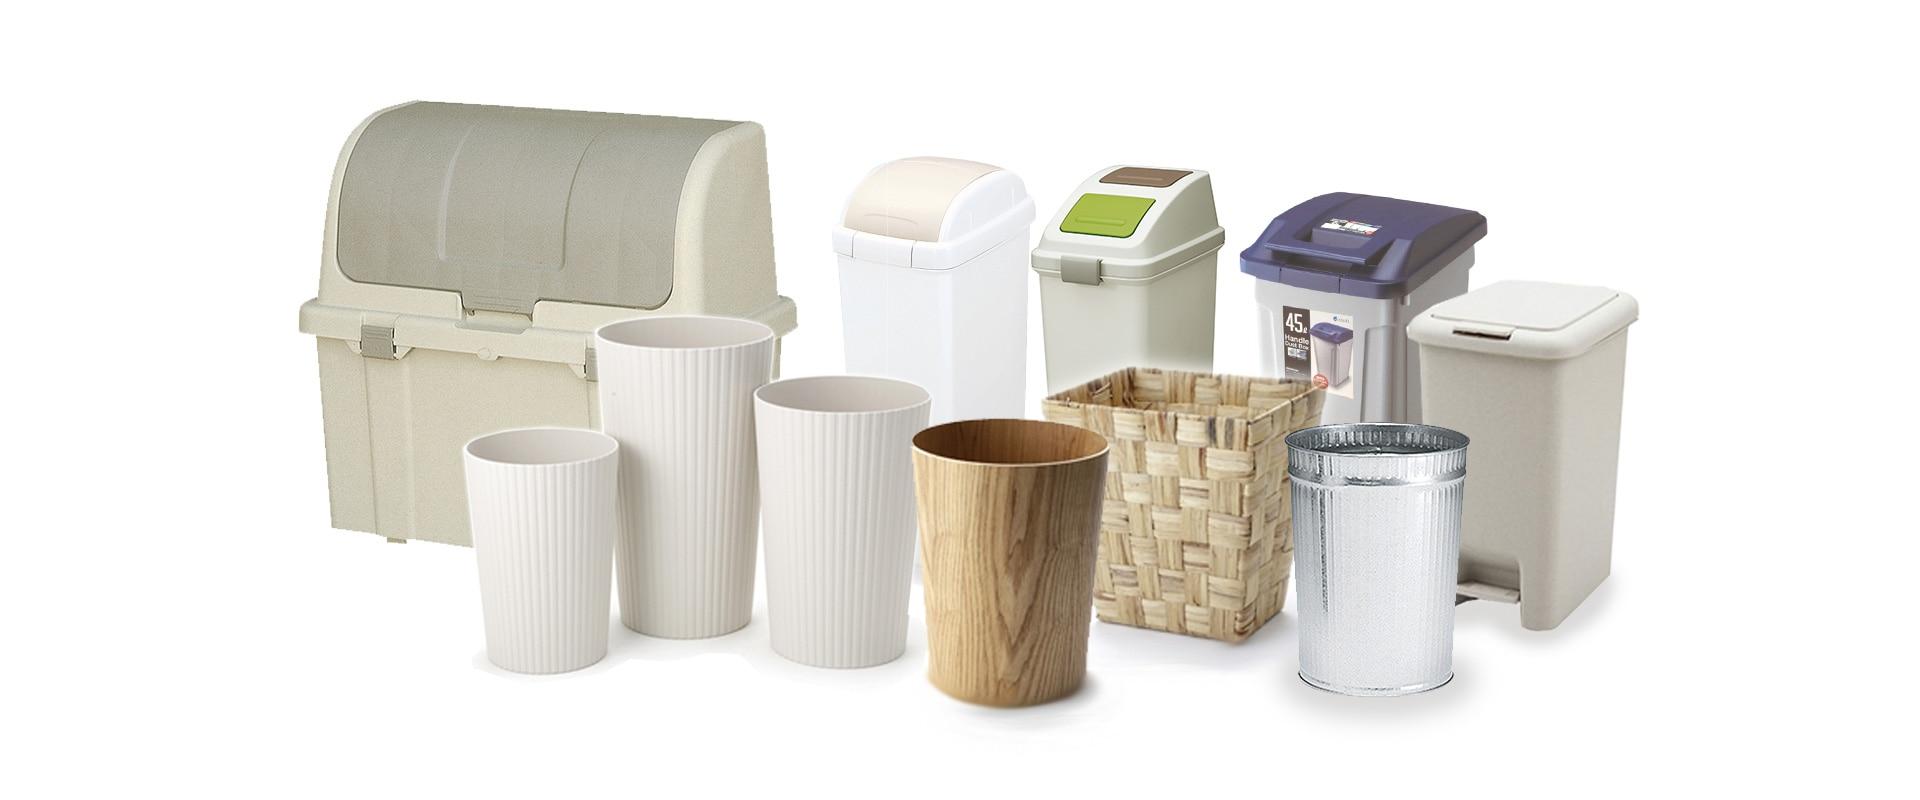 ゴミ箱をお探しのあなたに。色、かたち、機能。選べるカインズのゴミ箱